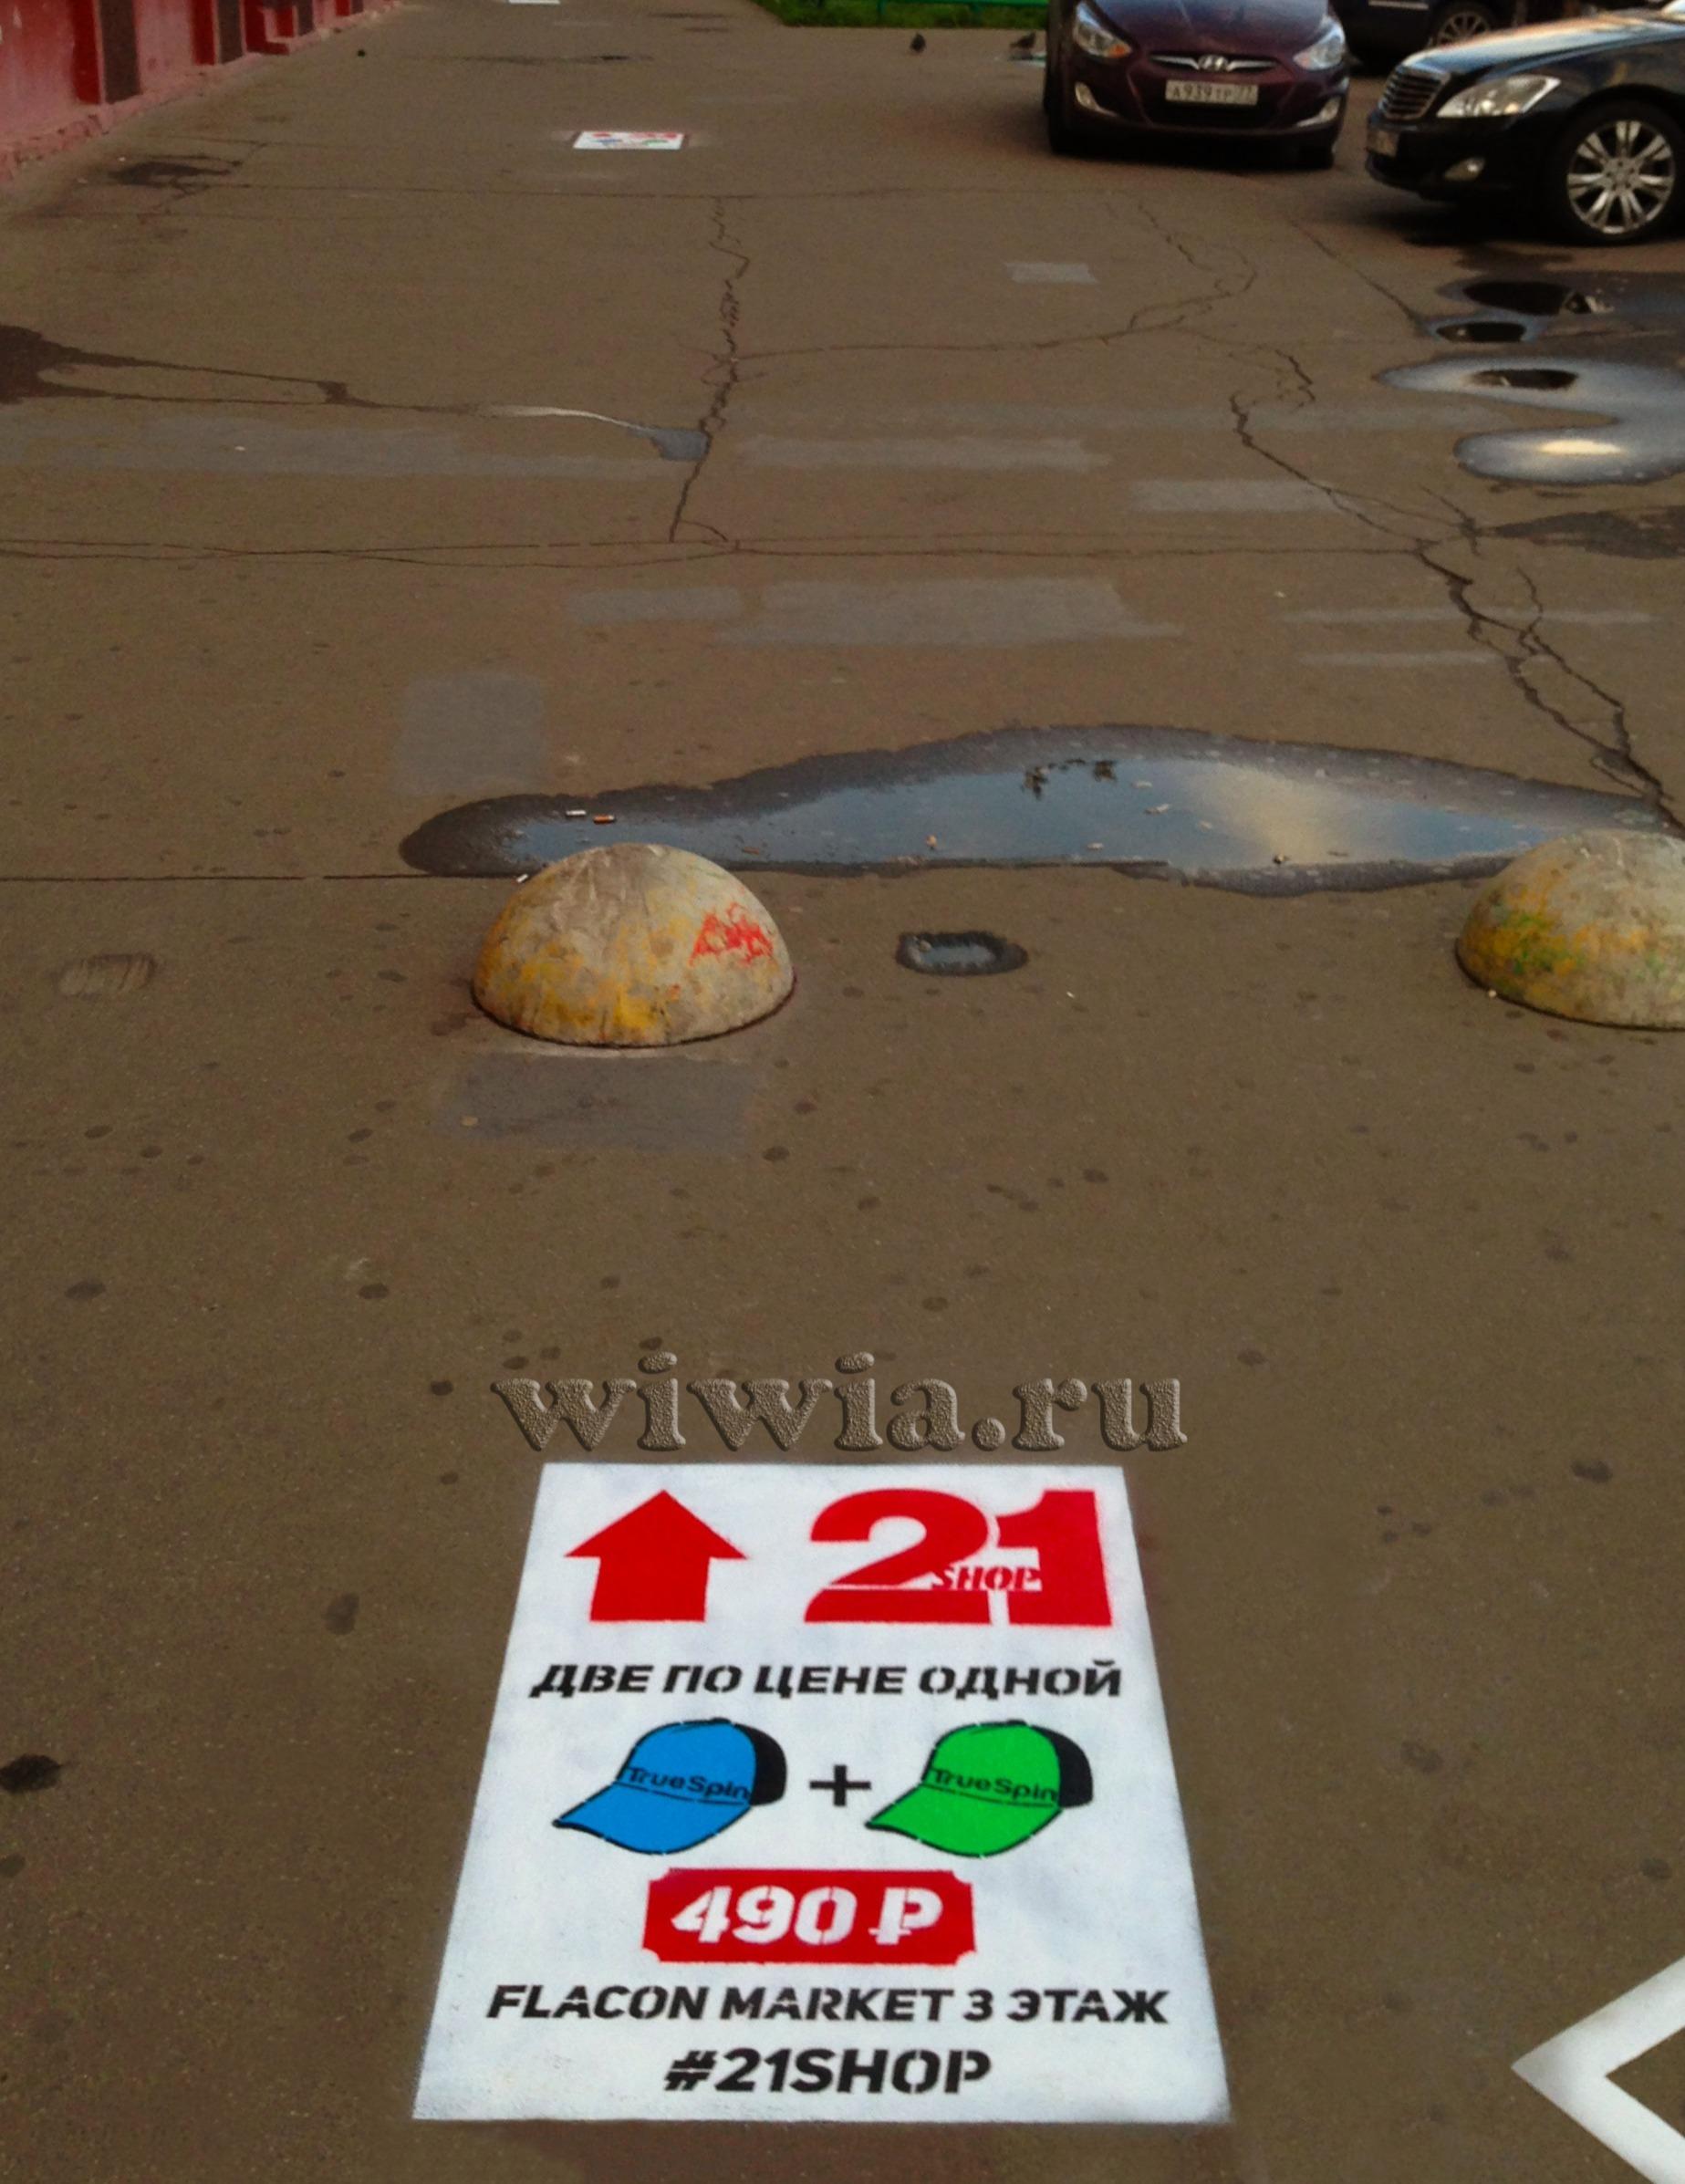 """Пример навигационных объявлений на асфальте для сети магазинов """"21шоп""""."""